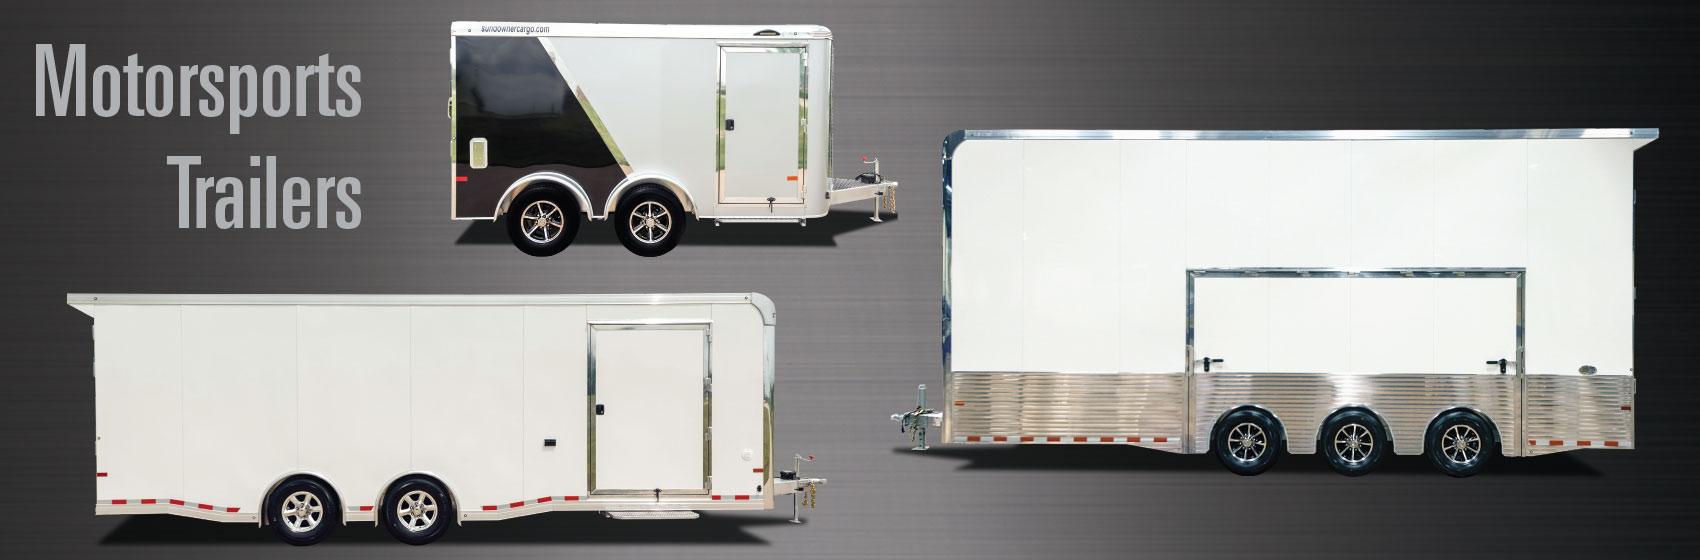 Interstate trailer wiring diagram rv hvac wiring diagram 05 optima Load Rite Trailer Wiring Diagram 7-Way RV Wiring Diagram Enclosed Trailer Wiring Diagram